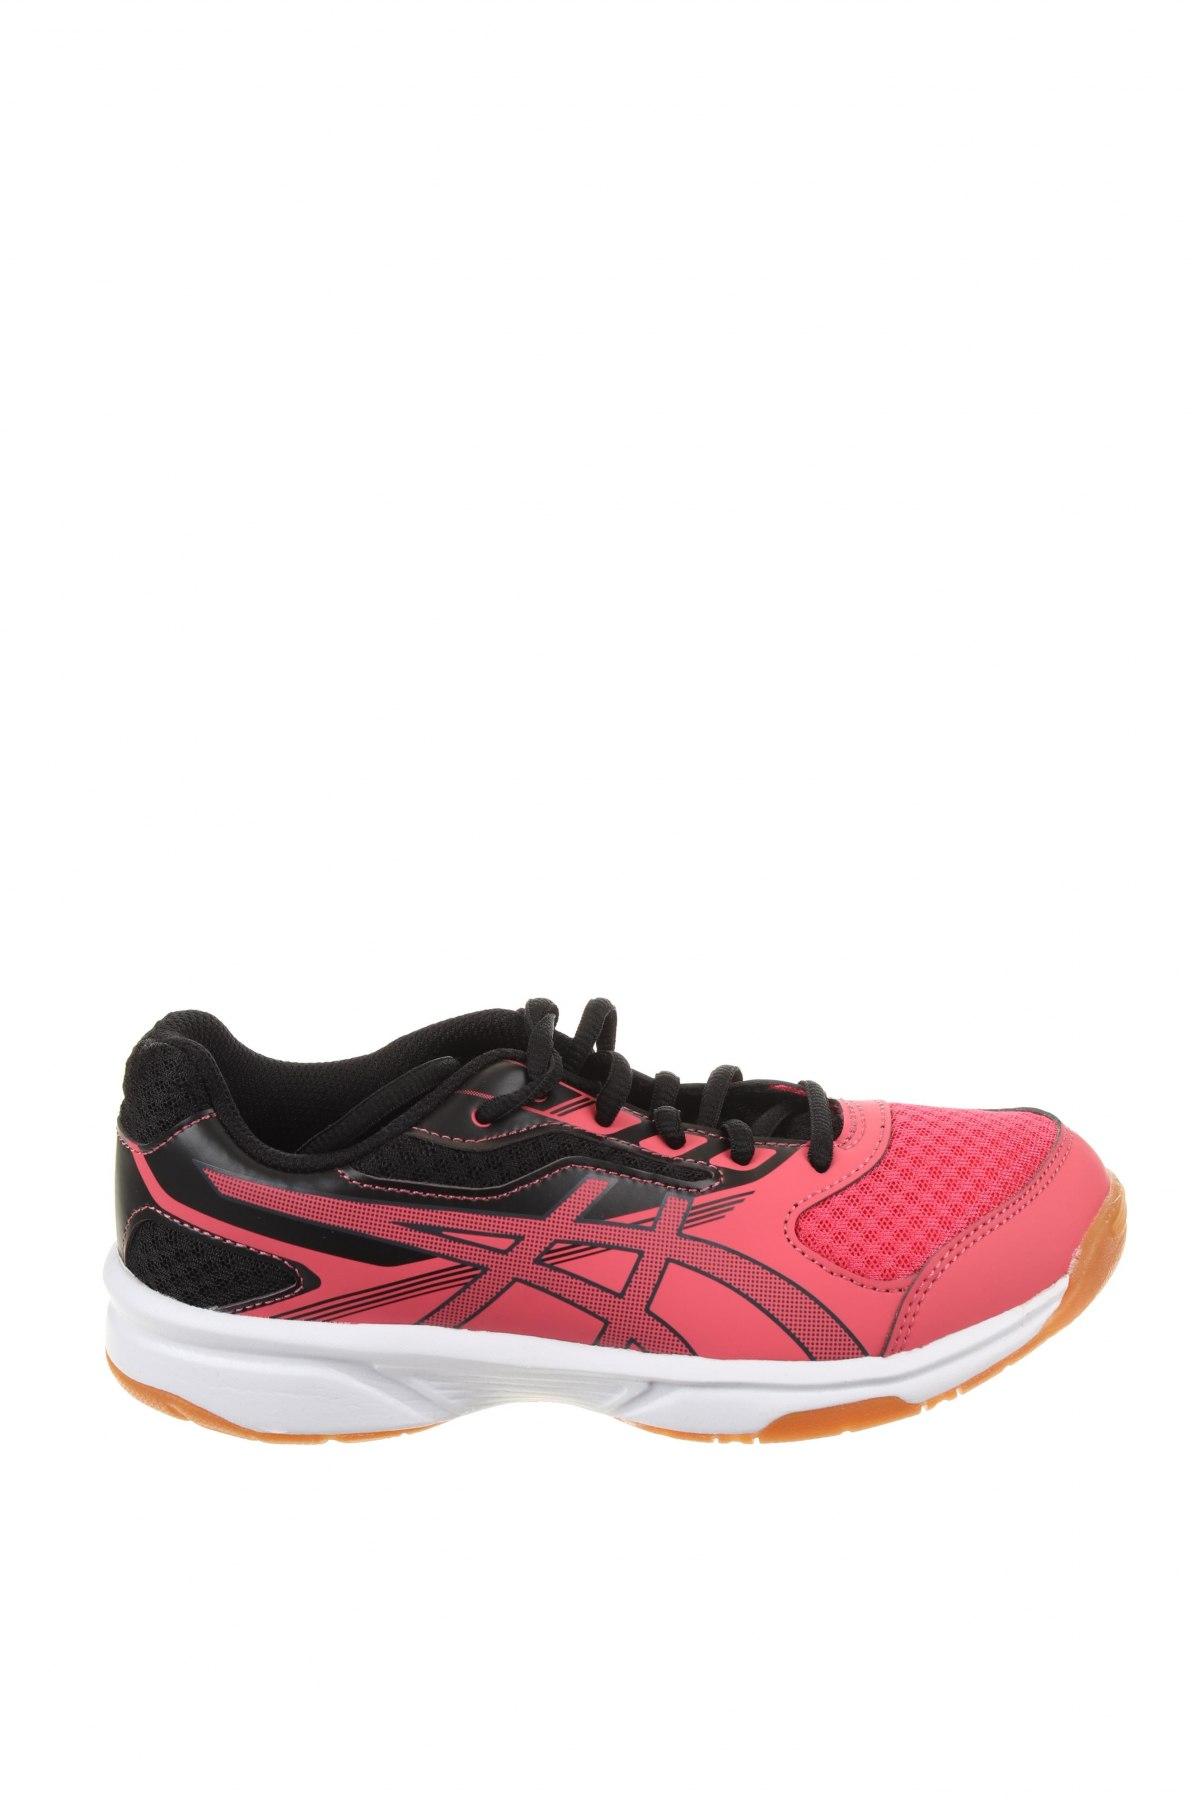 Детски обувки ASICS, Размер 35, Цвят Розов, Еко кожа, текстил, Цена 38,70лв.